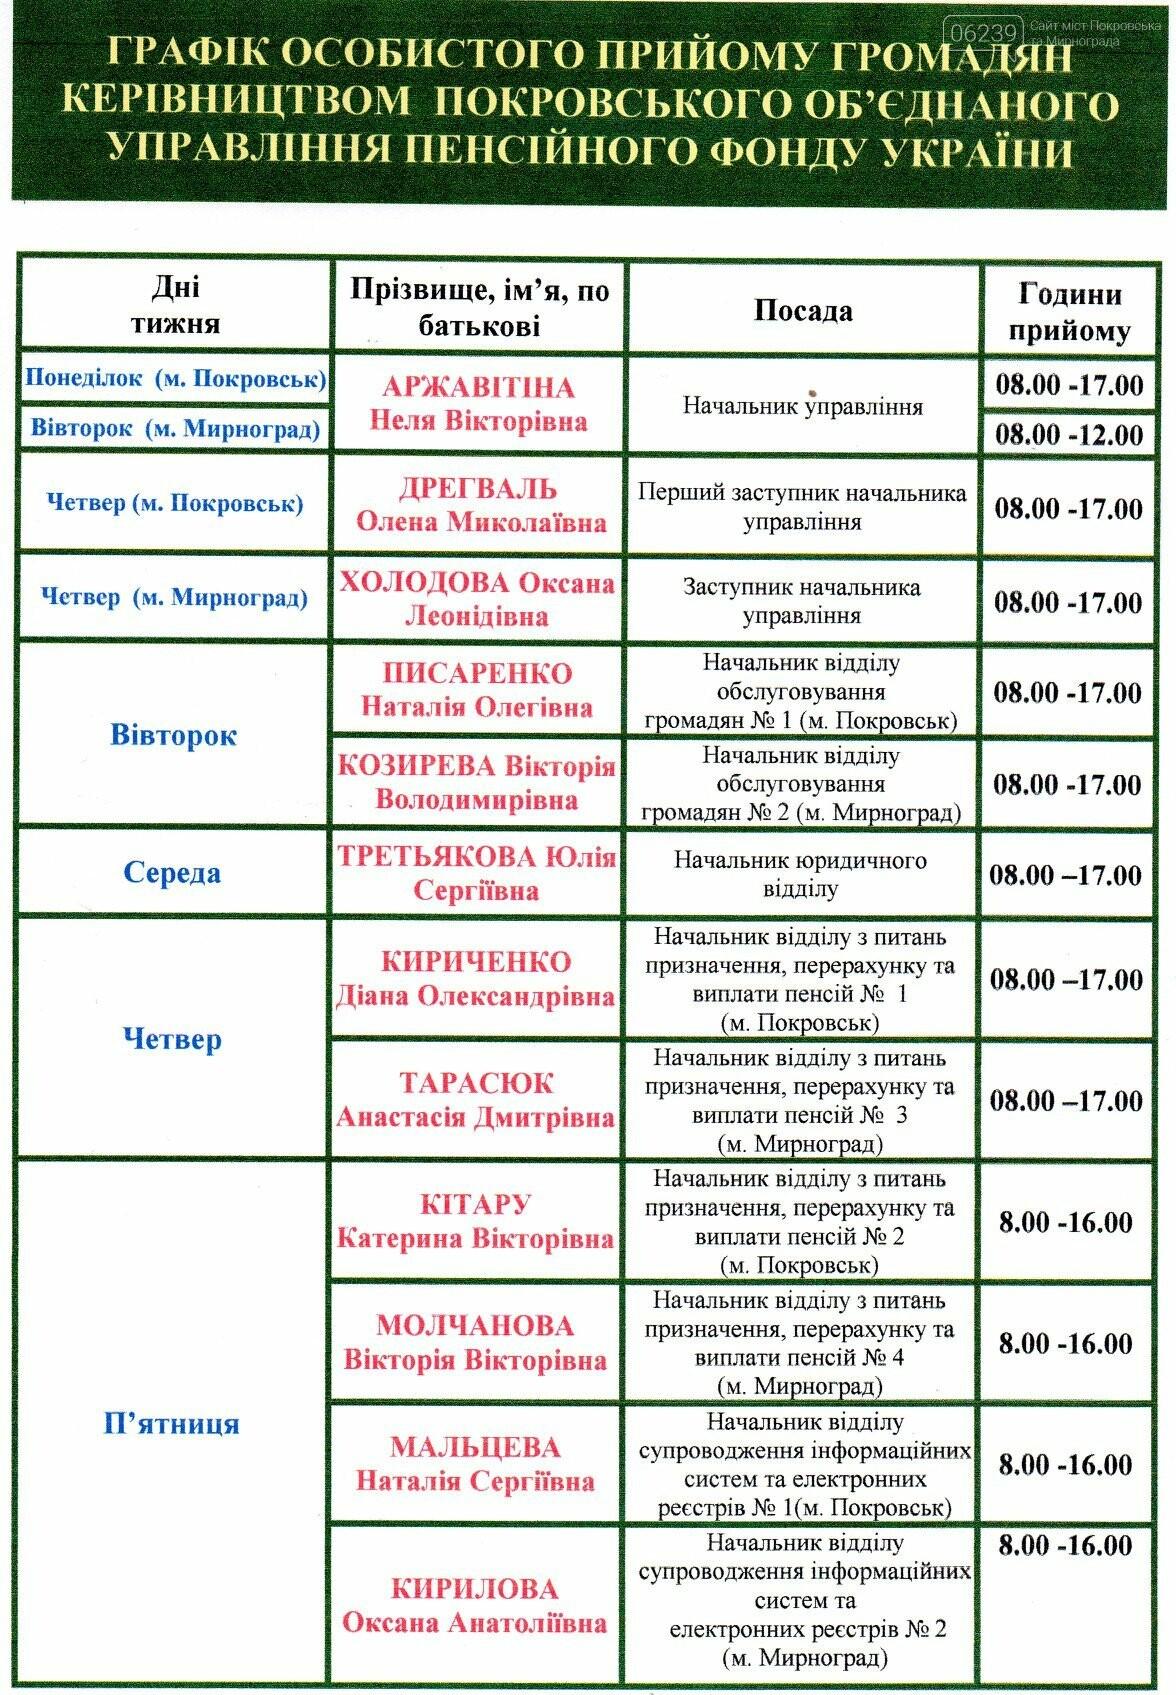 Опубликован график приема жителей Покровска и Мирнограда Покровским объединенным управлением ПФУ на 2020 год, фото-2